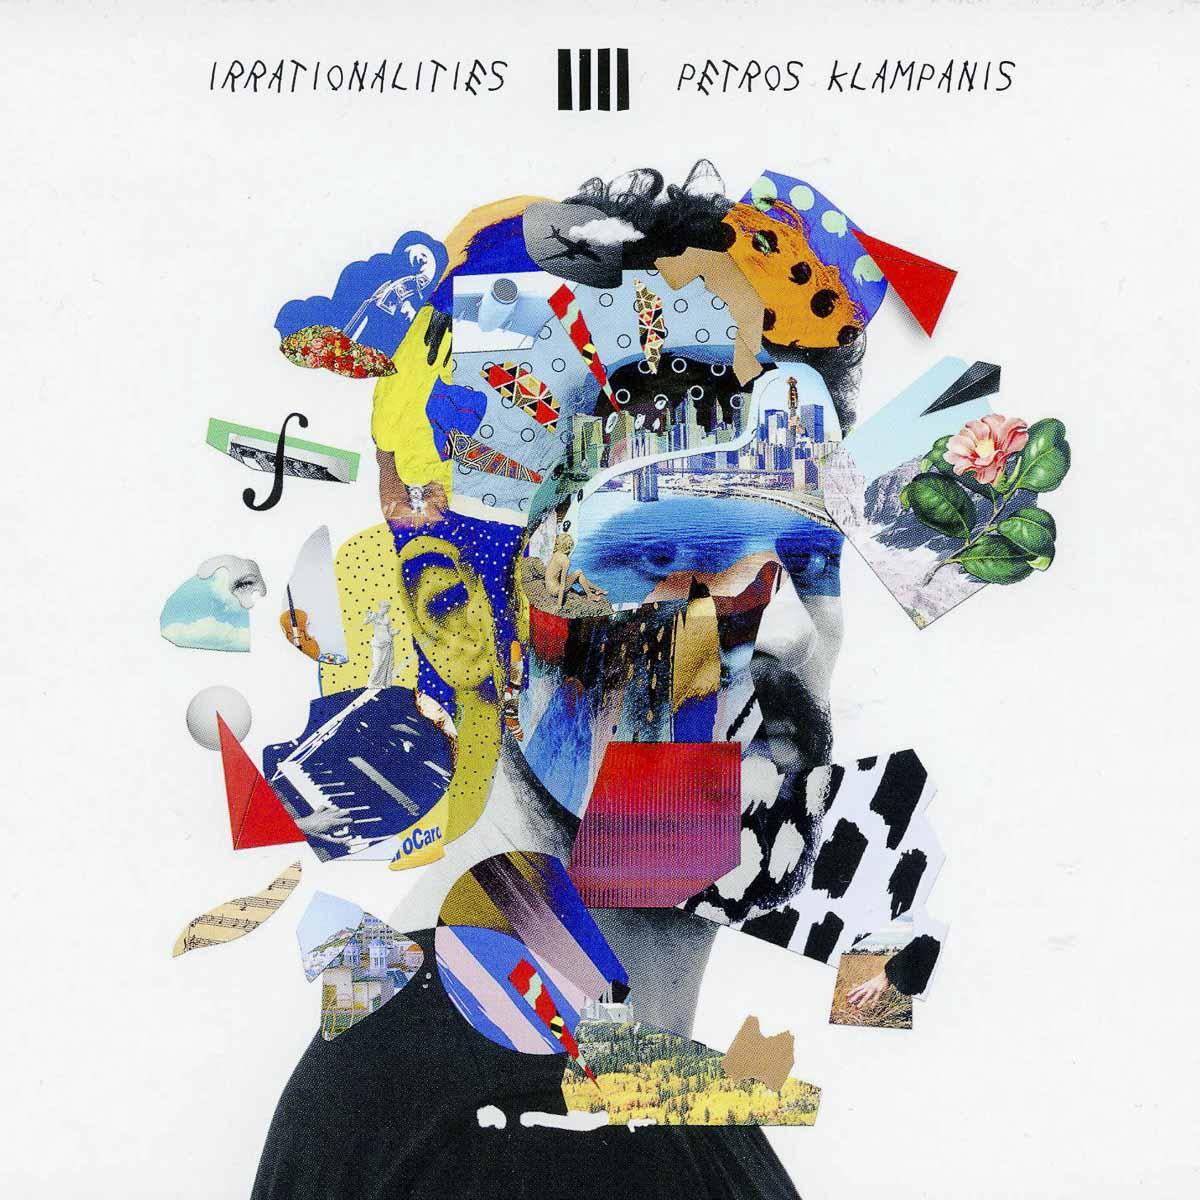 Petros Klampanis| Irrationalities